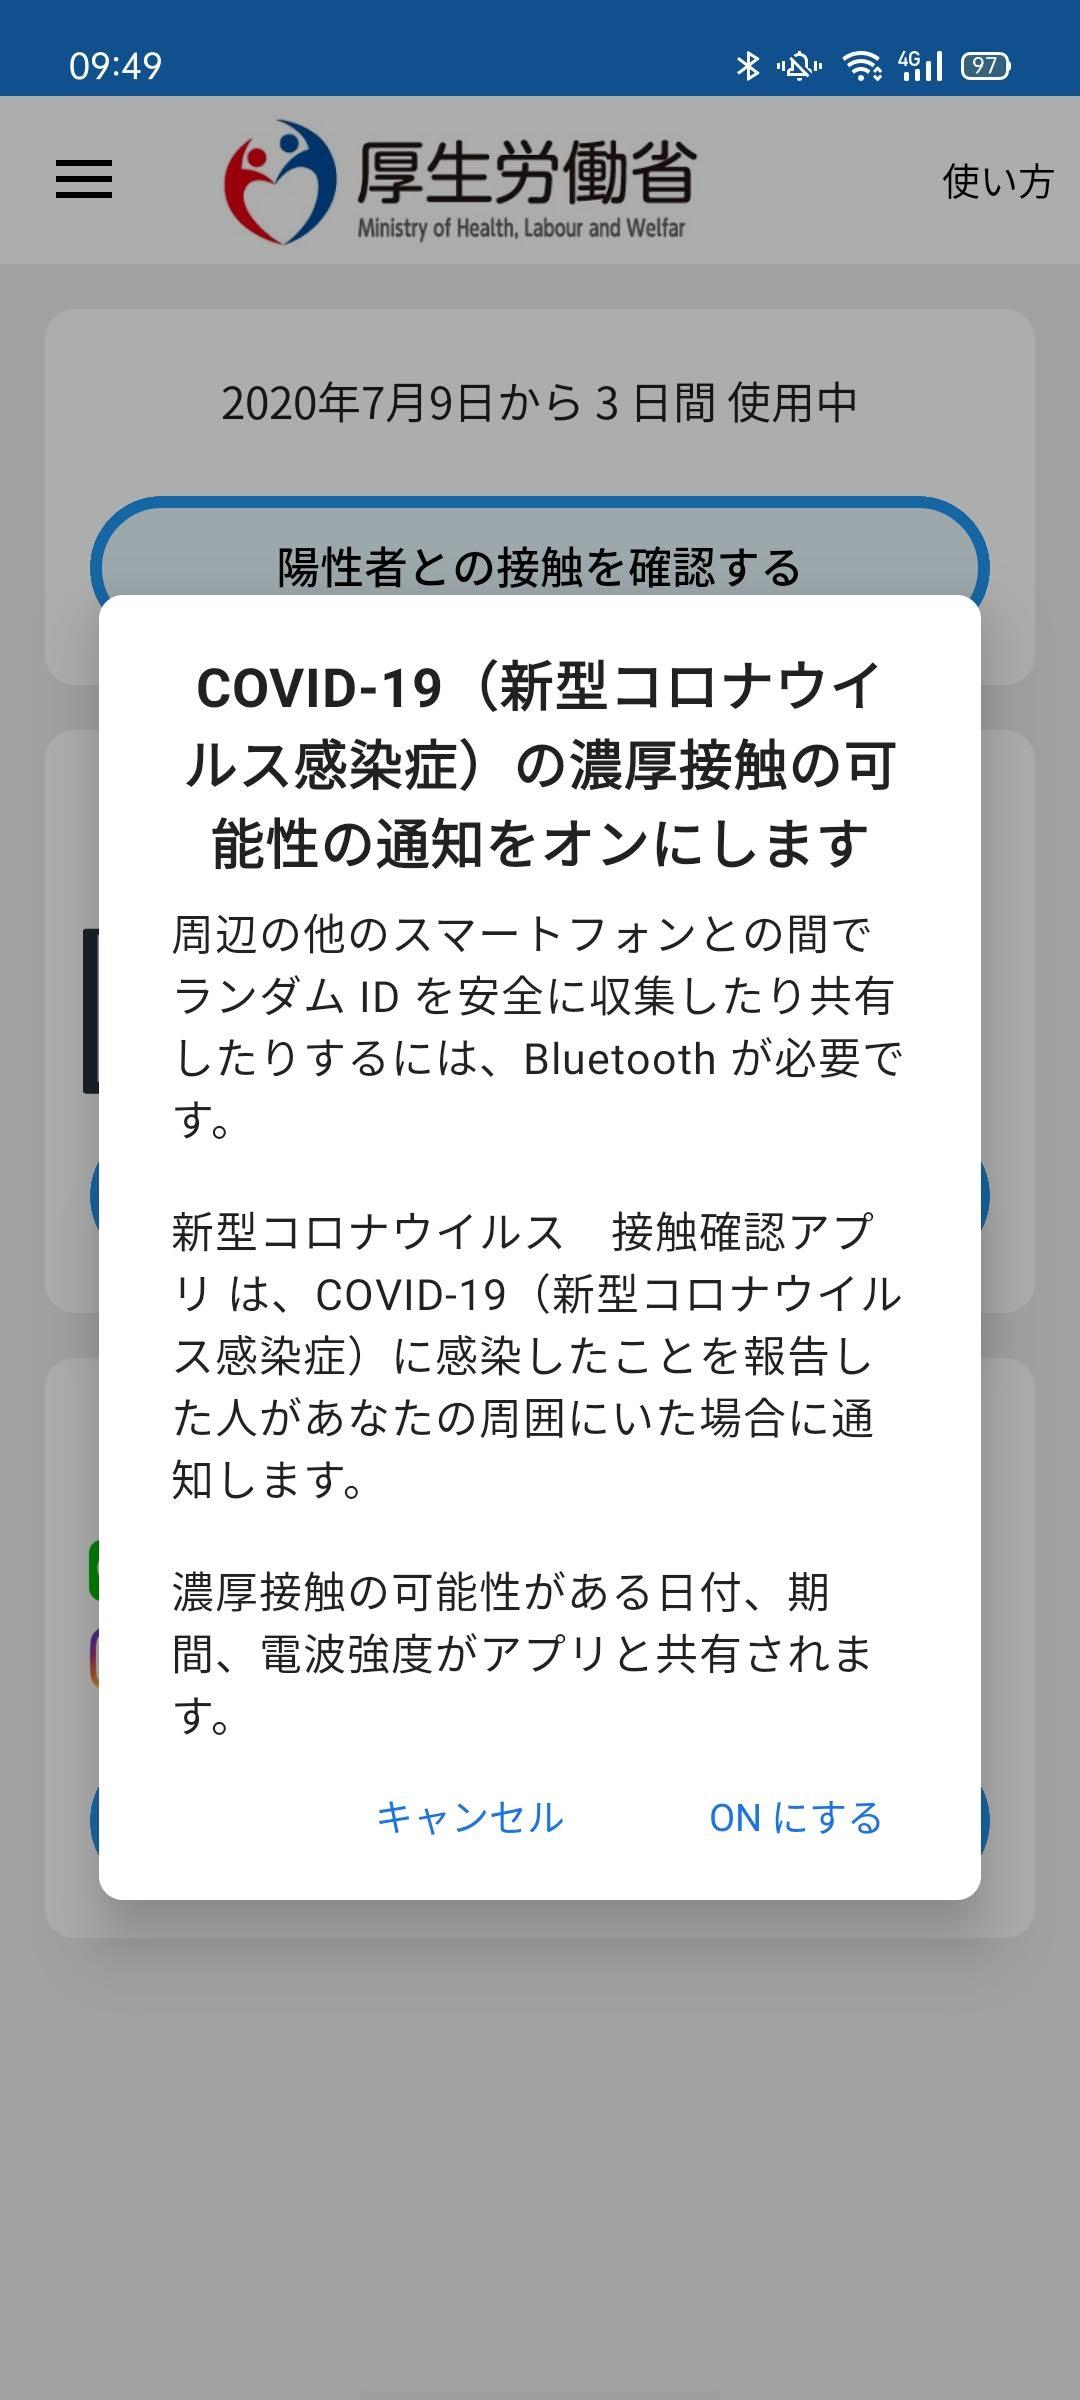 f:id:Azusa_Hirano:20200713095549j:plain